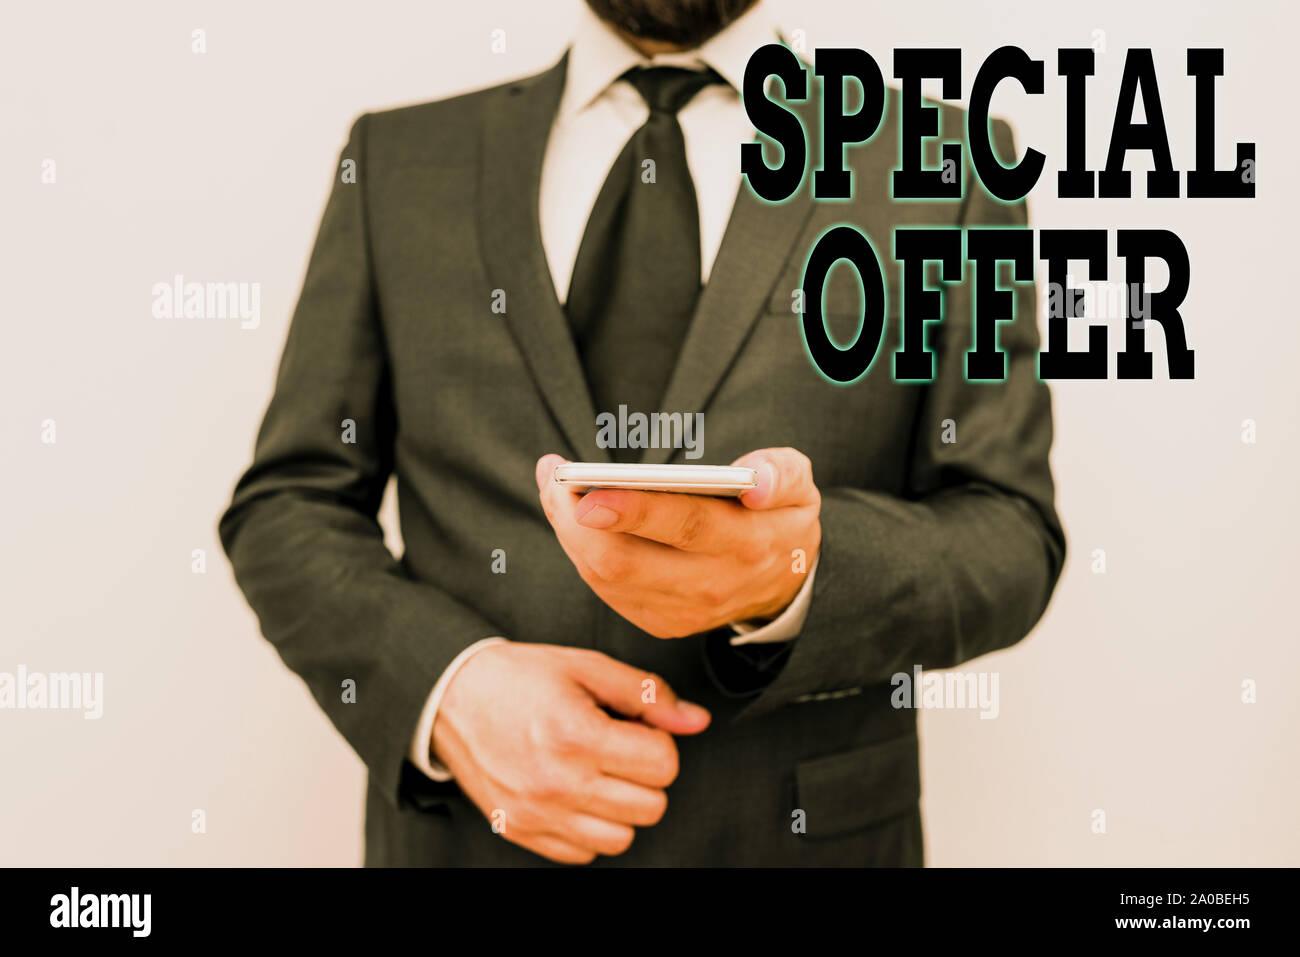 Preisermäßigung Stockfotos und bilder Kaufen Alamy